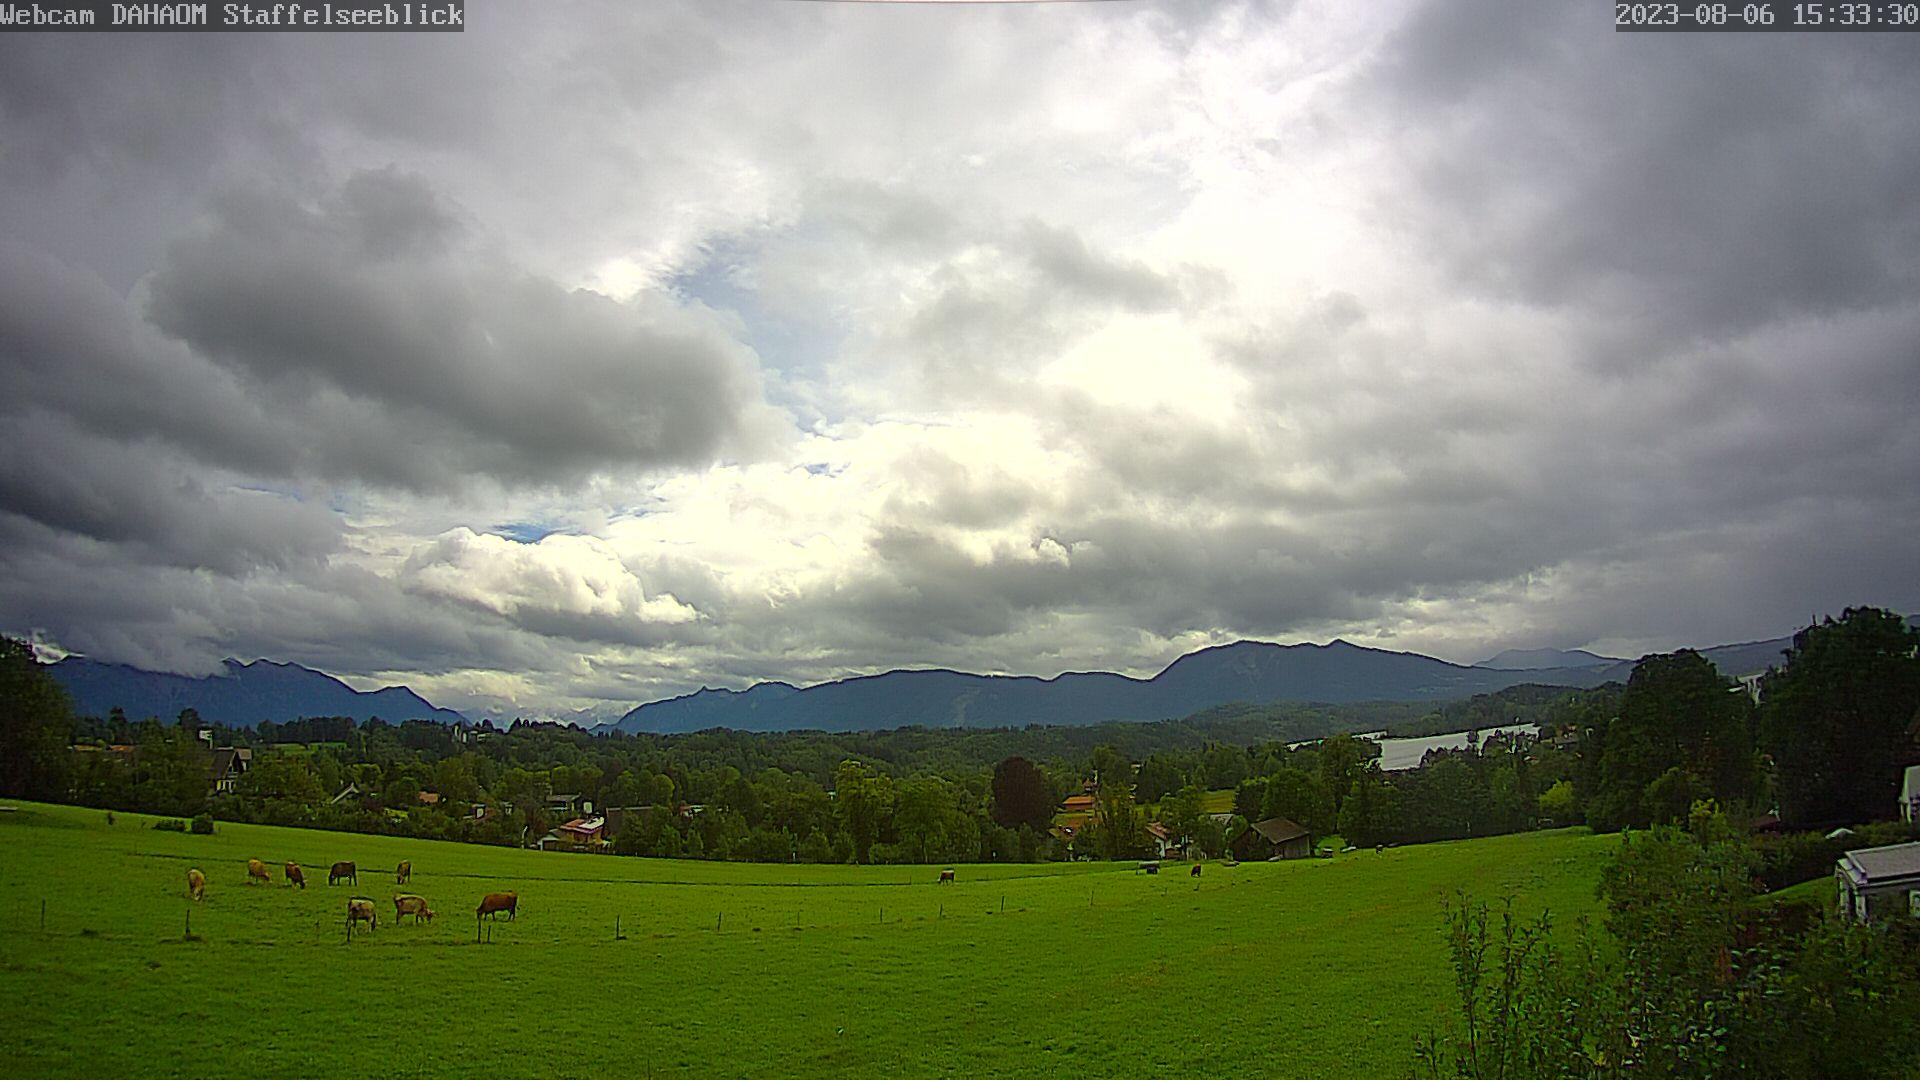 Webcam Seehausen am Staffelsee - Staffelseeblick